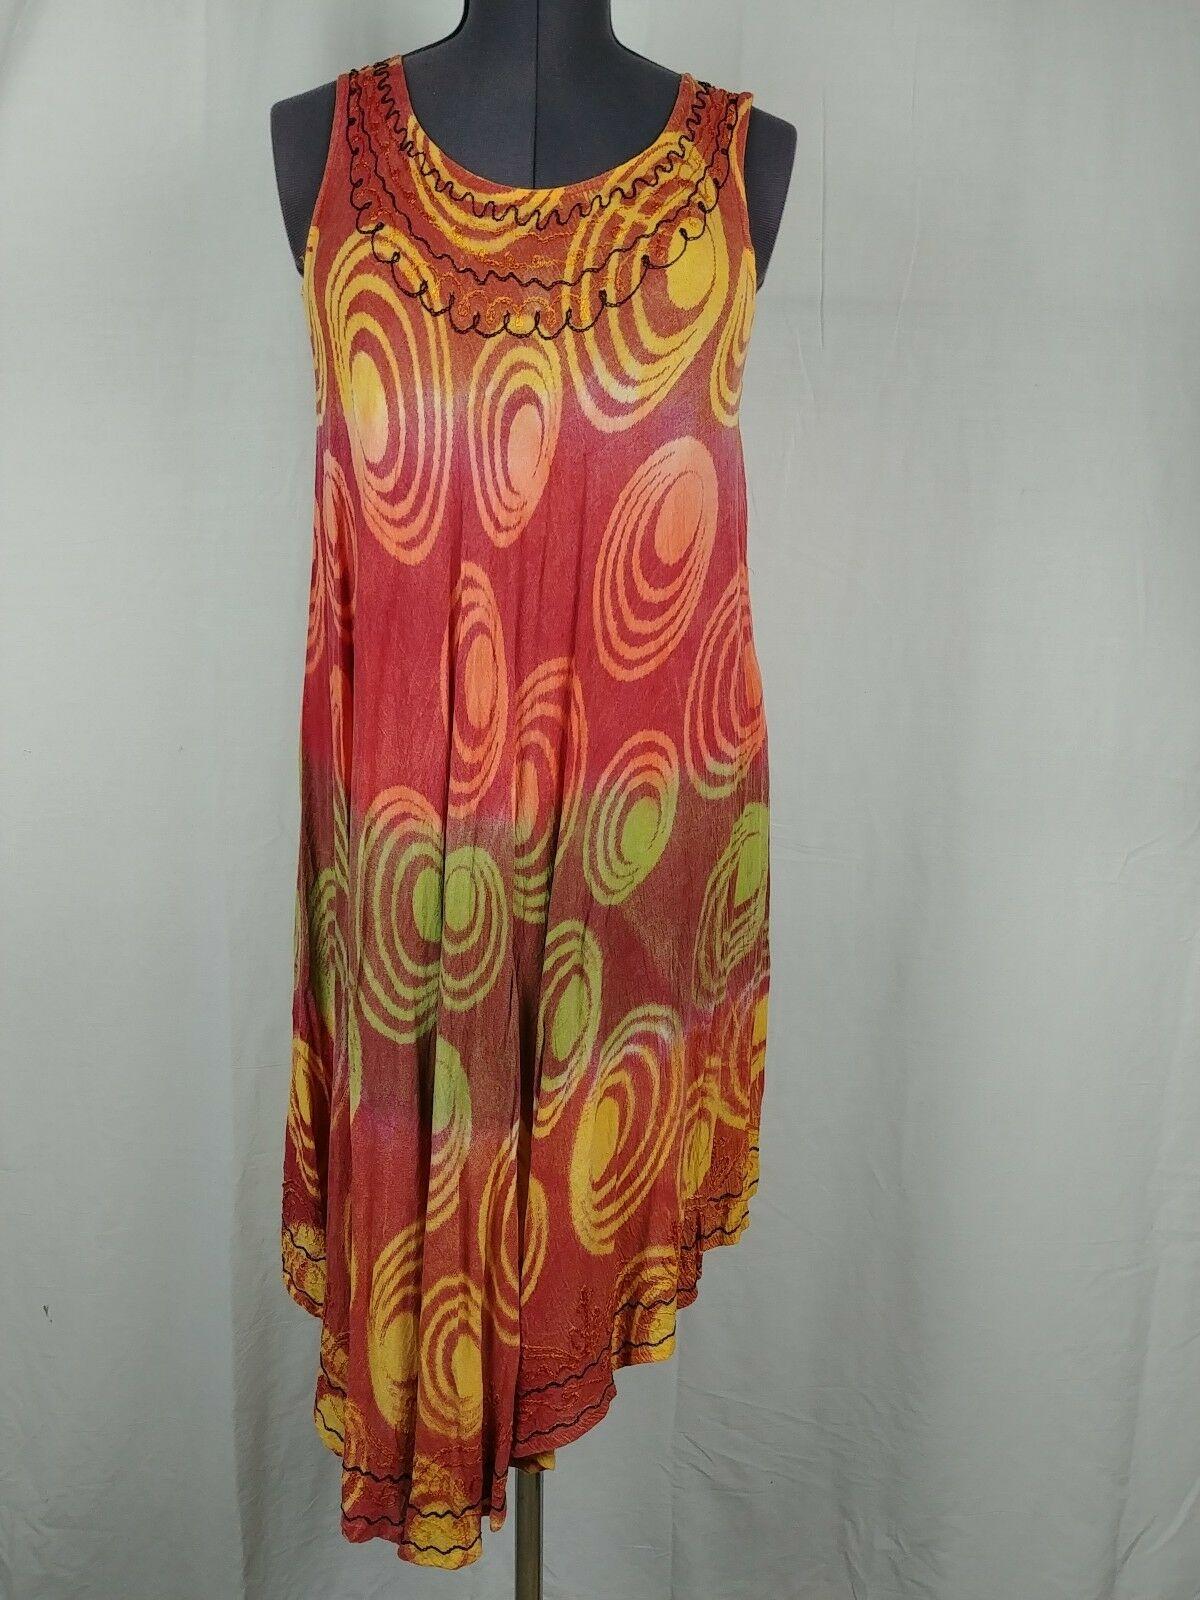 Fashion Force Tie Die Orange Hippie Circle Stitching Dress Women Plus Size